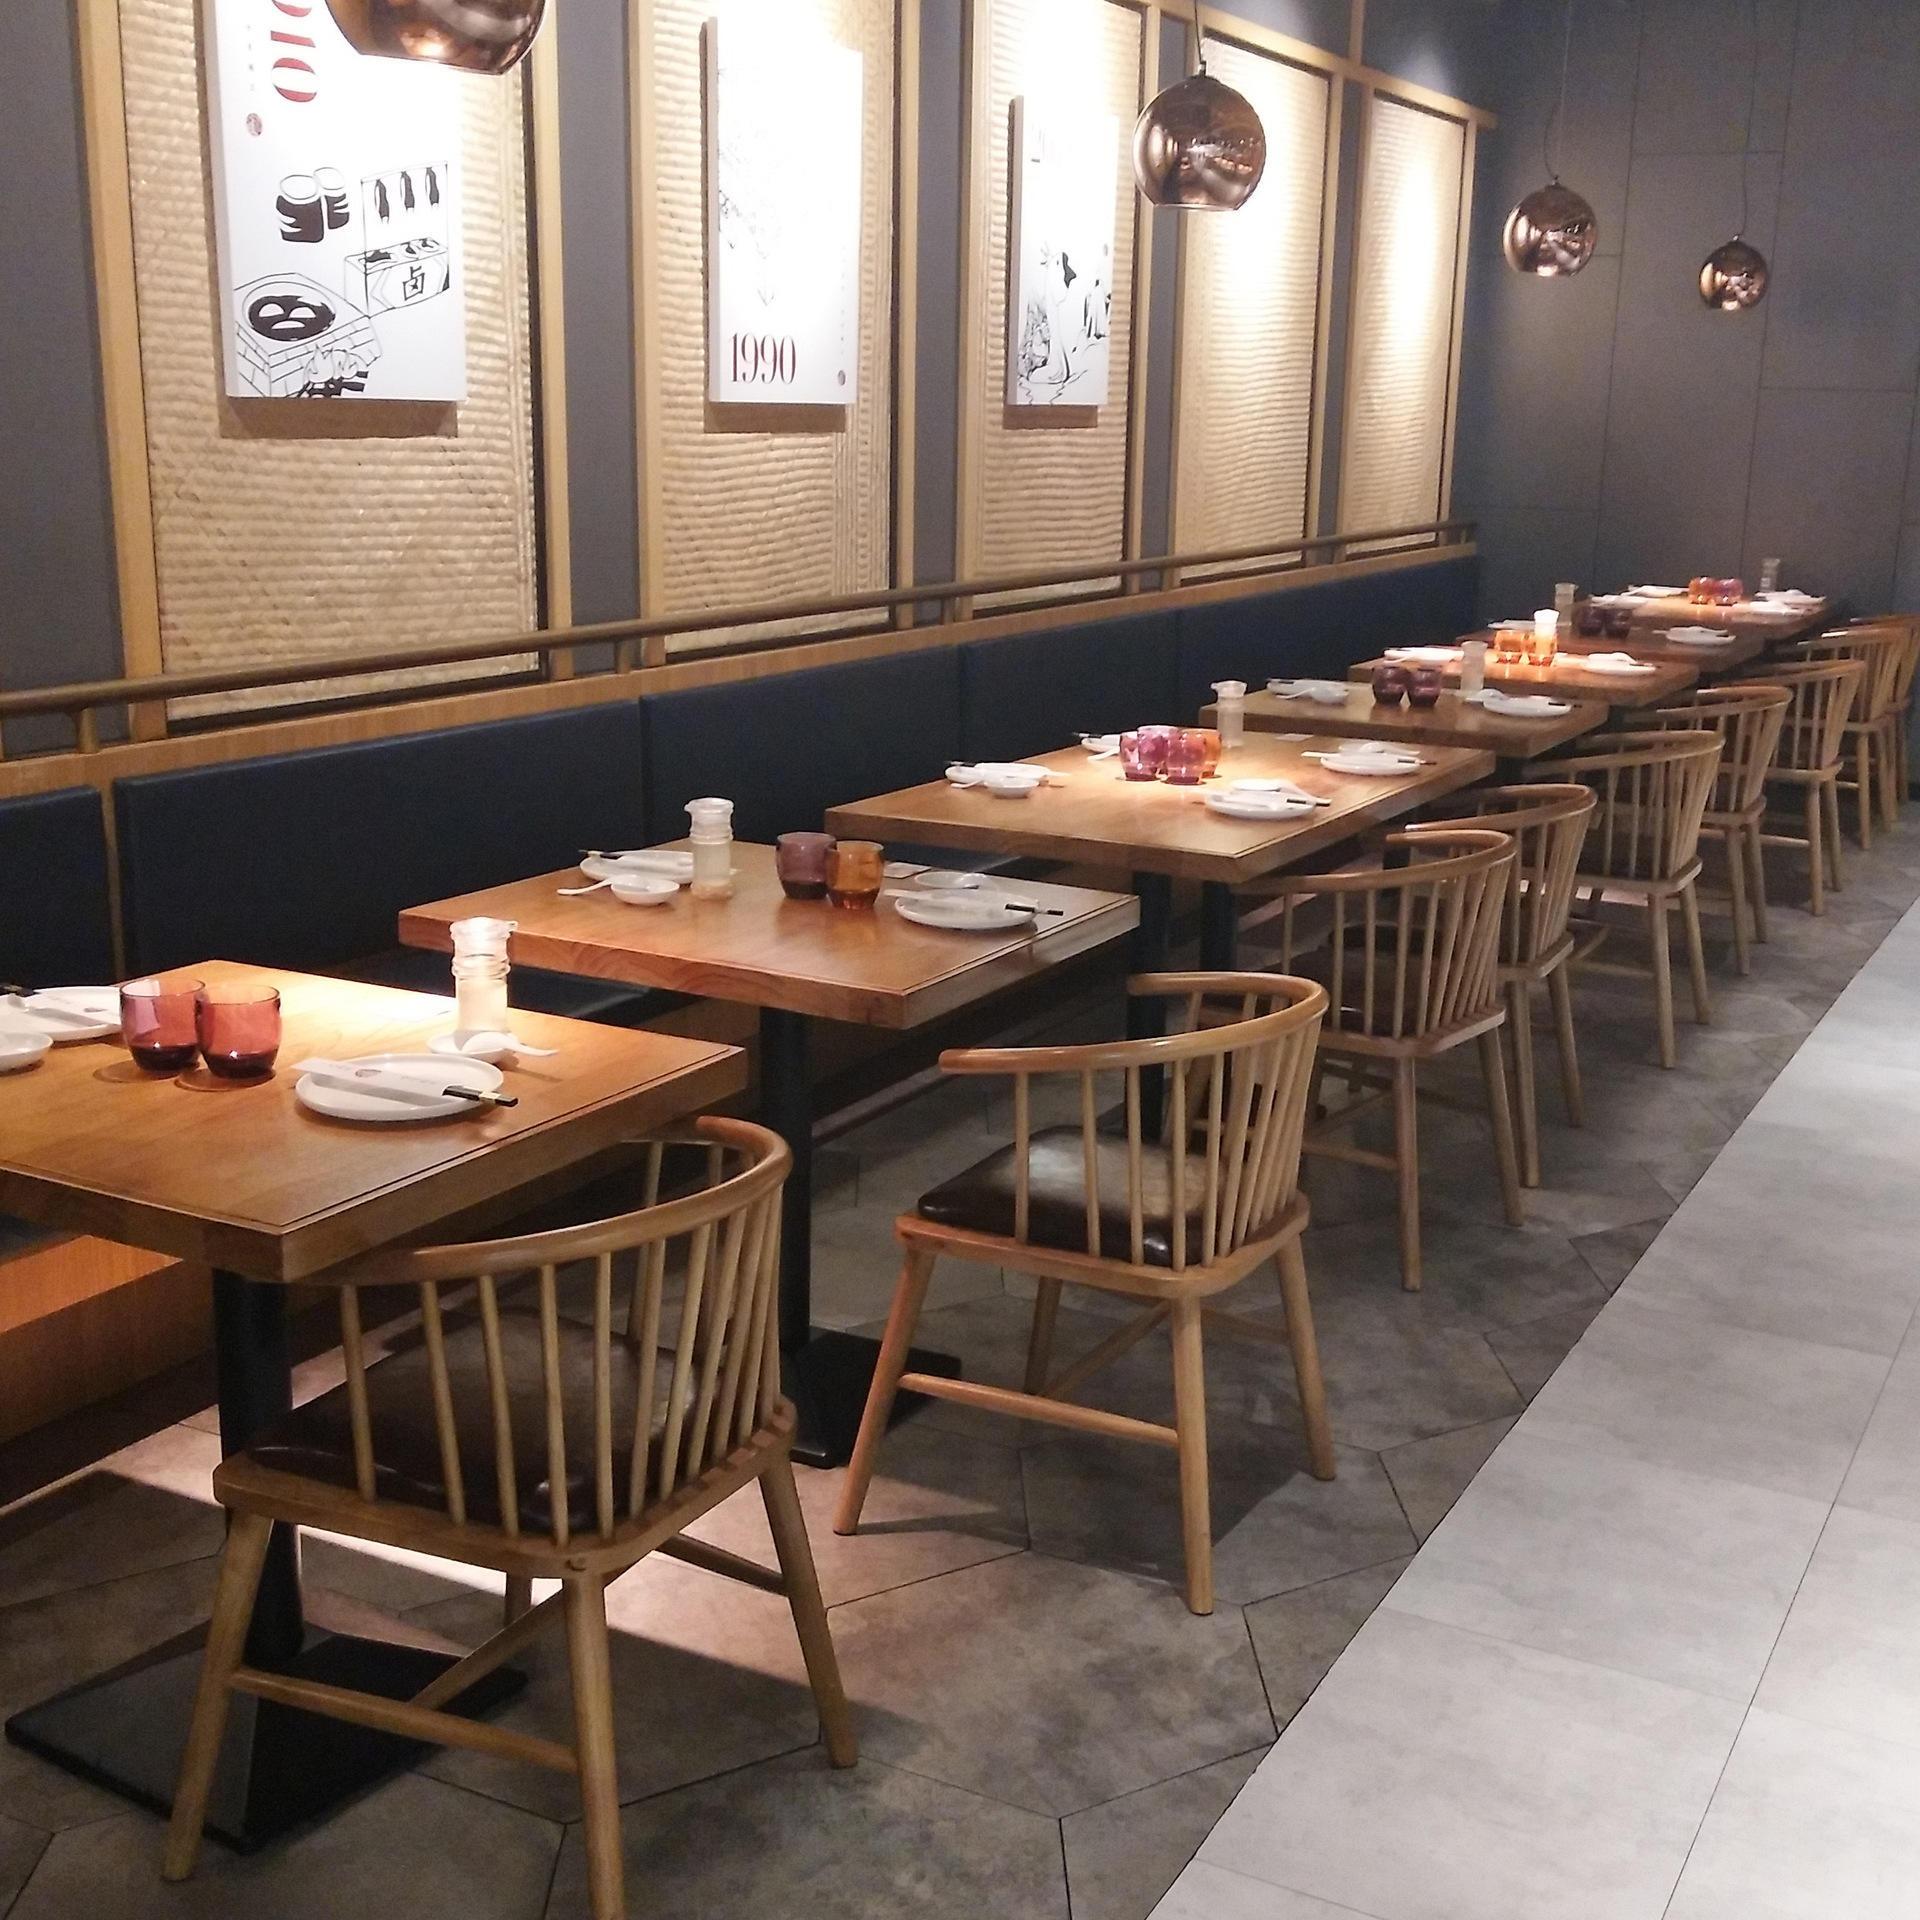 實木餐飲店餐桌,川菜館湘菜火鍋店新中式餐廳餐桌椅組合,餐椅子餐桌椅組合-海德利家具